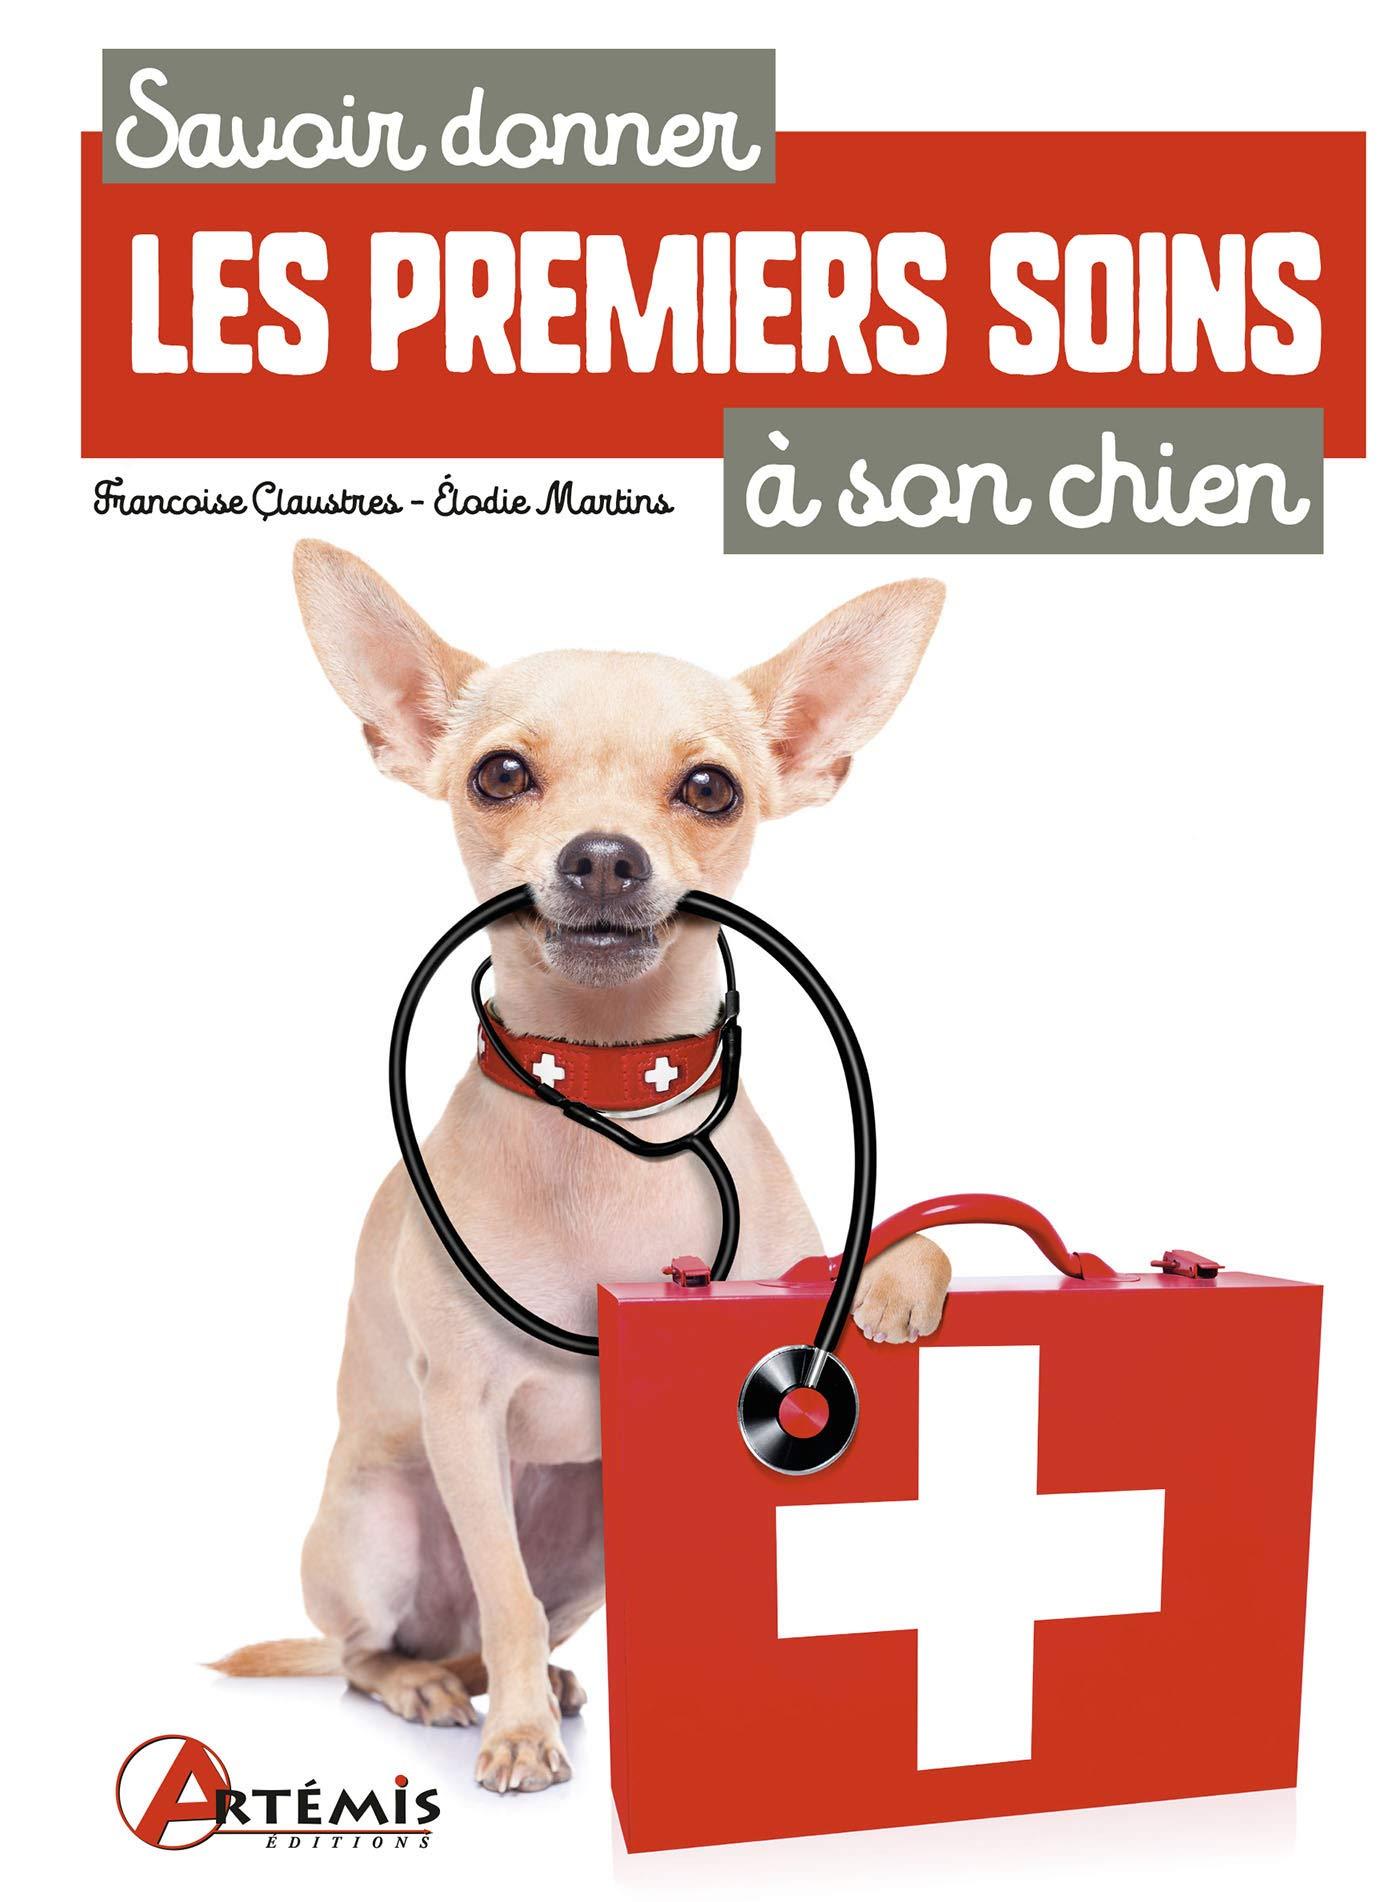 Savoir Donner Les Premiers Soins A Son Chien French Edition Martins Elodie Claustres Francoise 9782816014259 Amazon Com Books